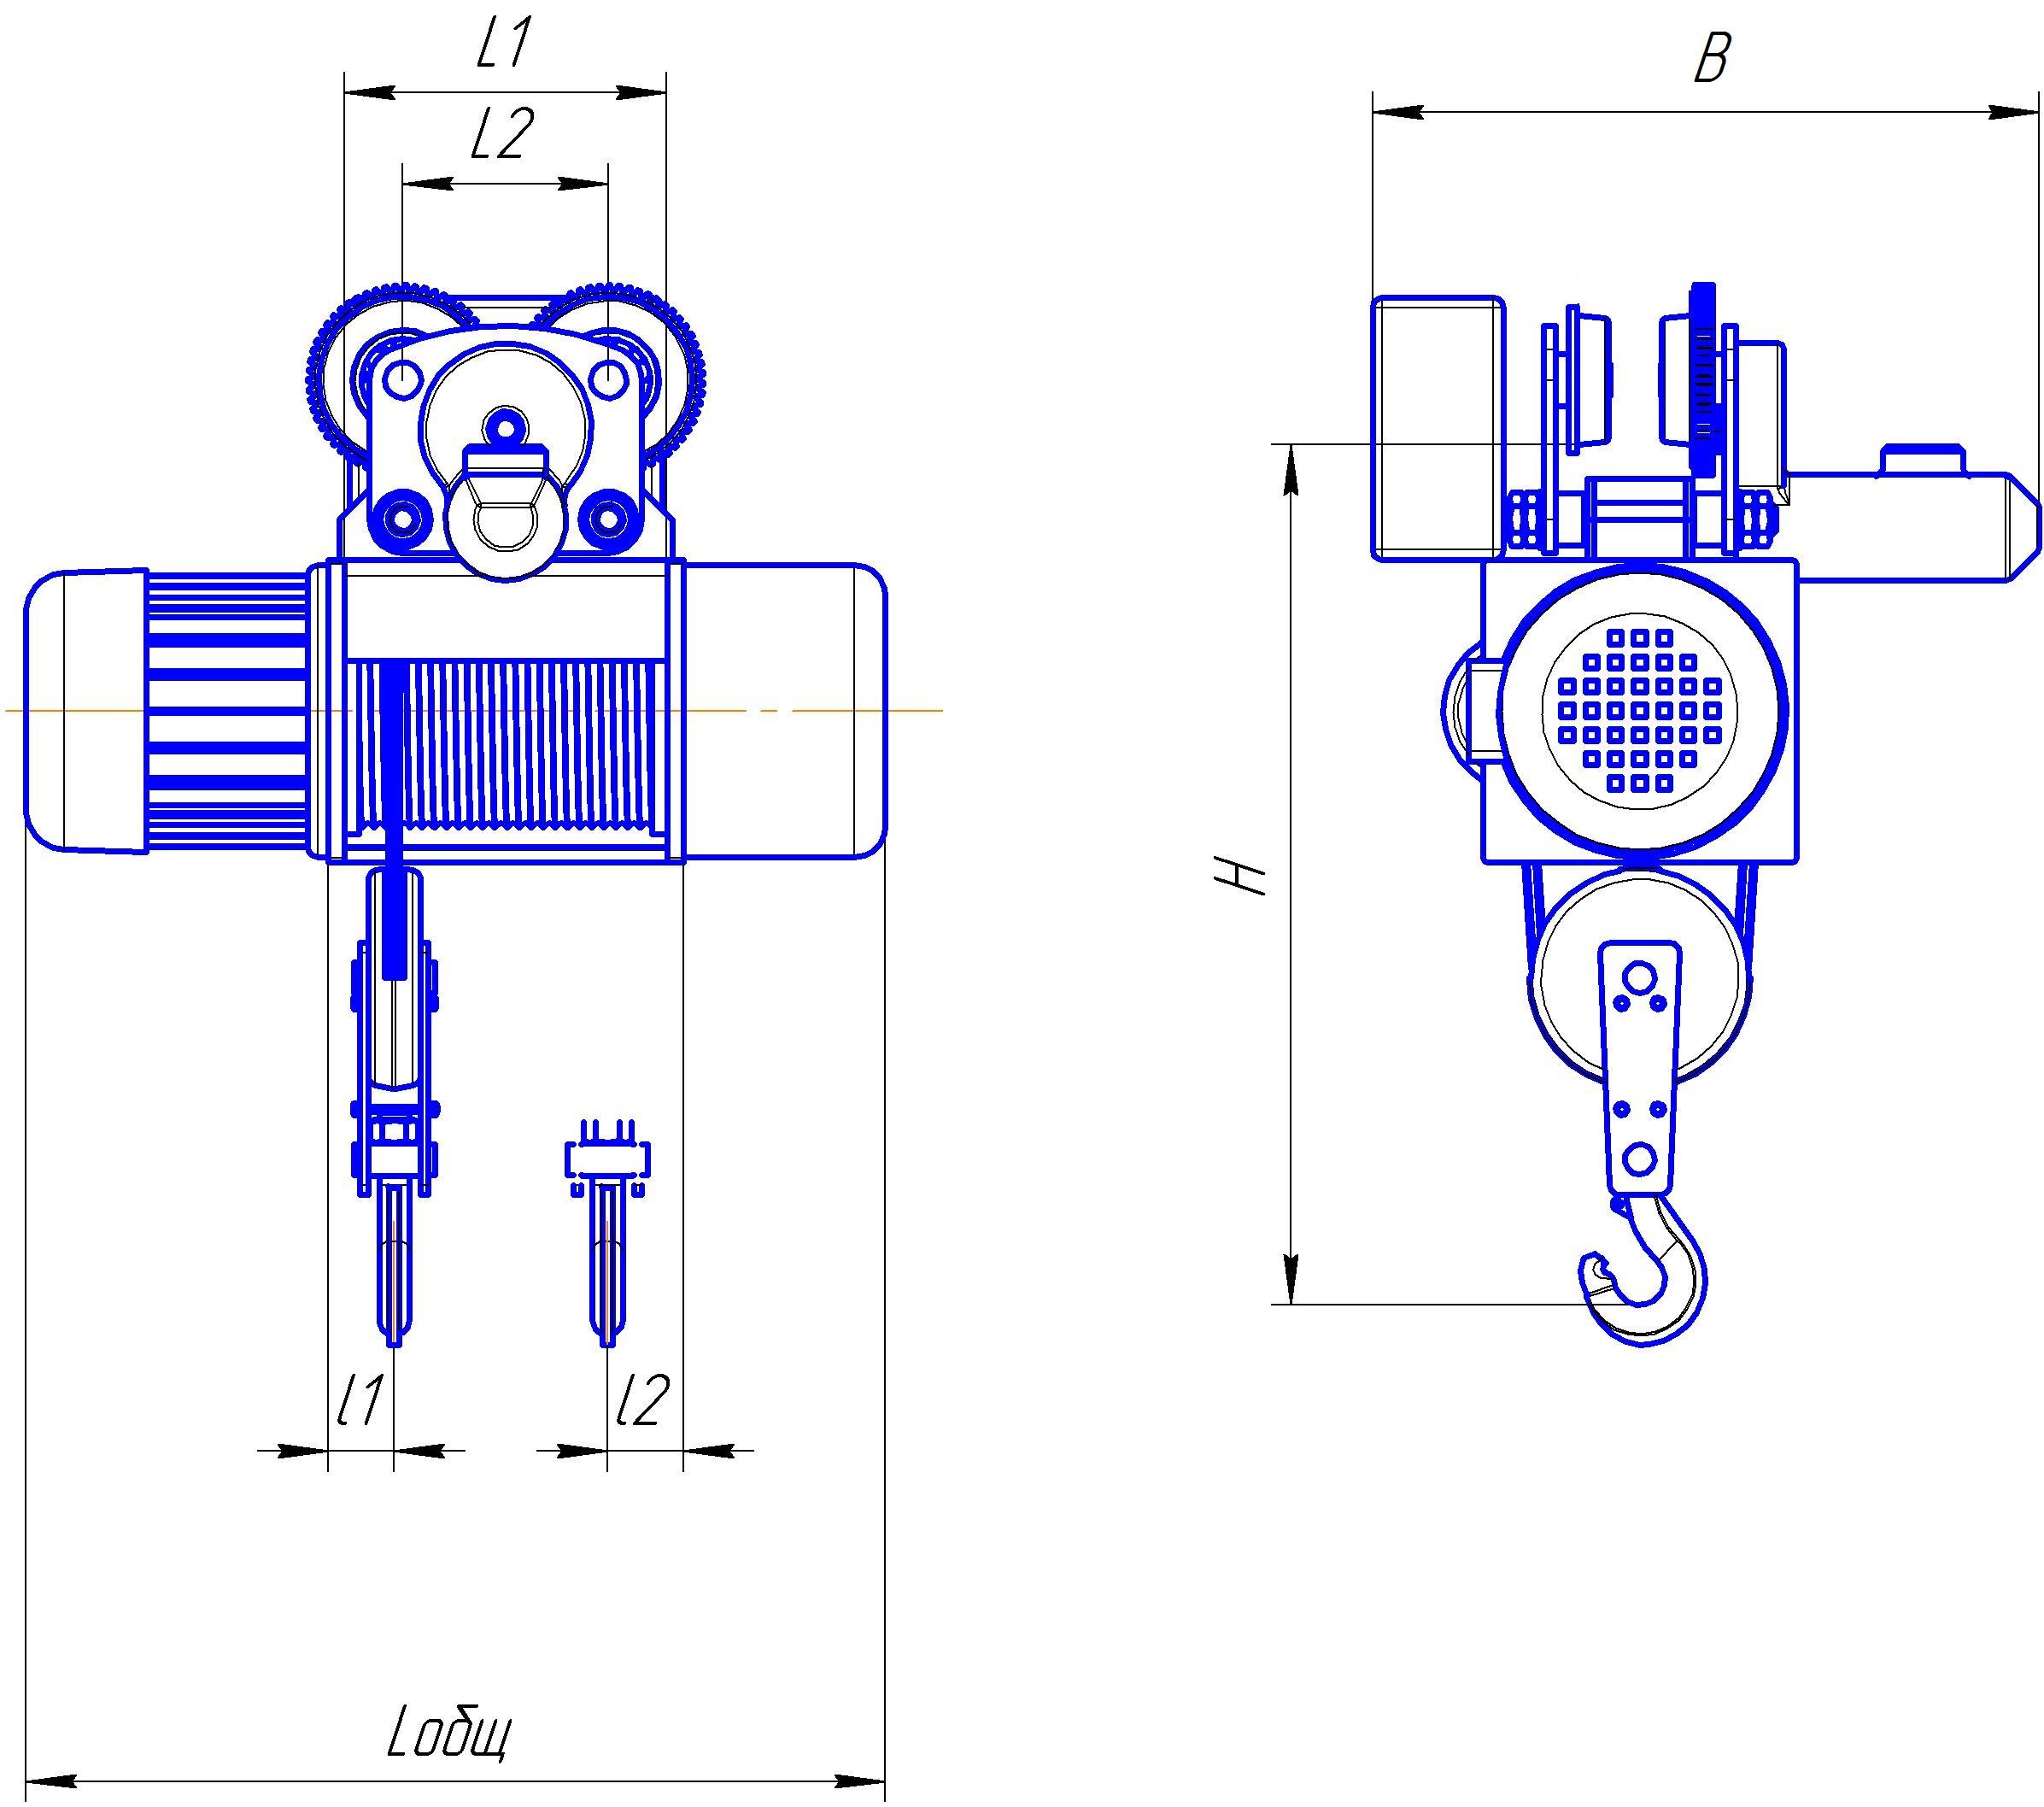 электрическая схема подъёмника умелец